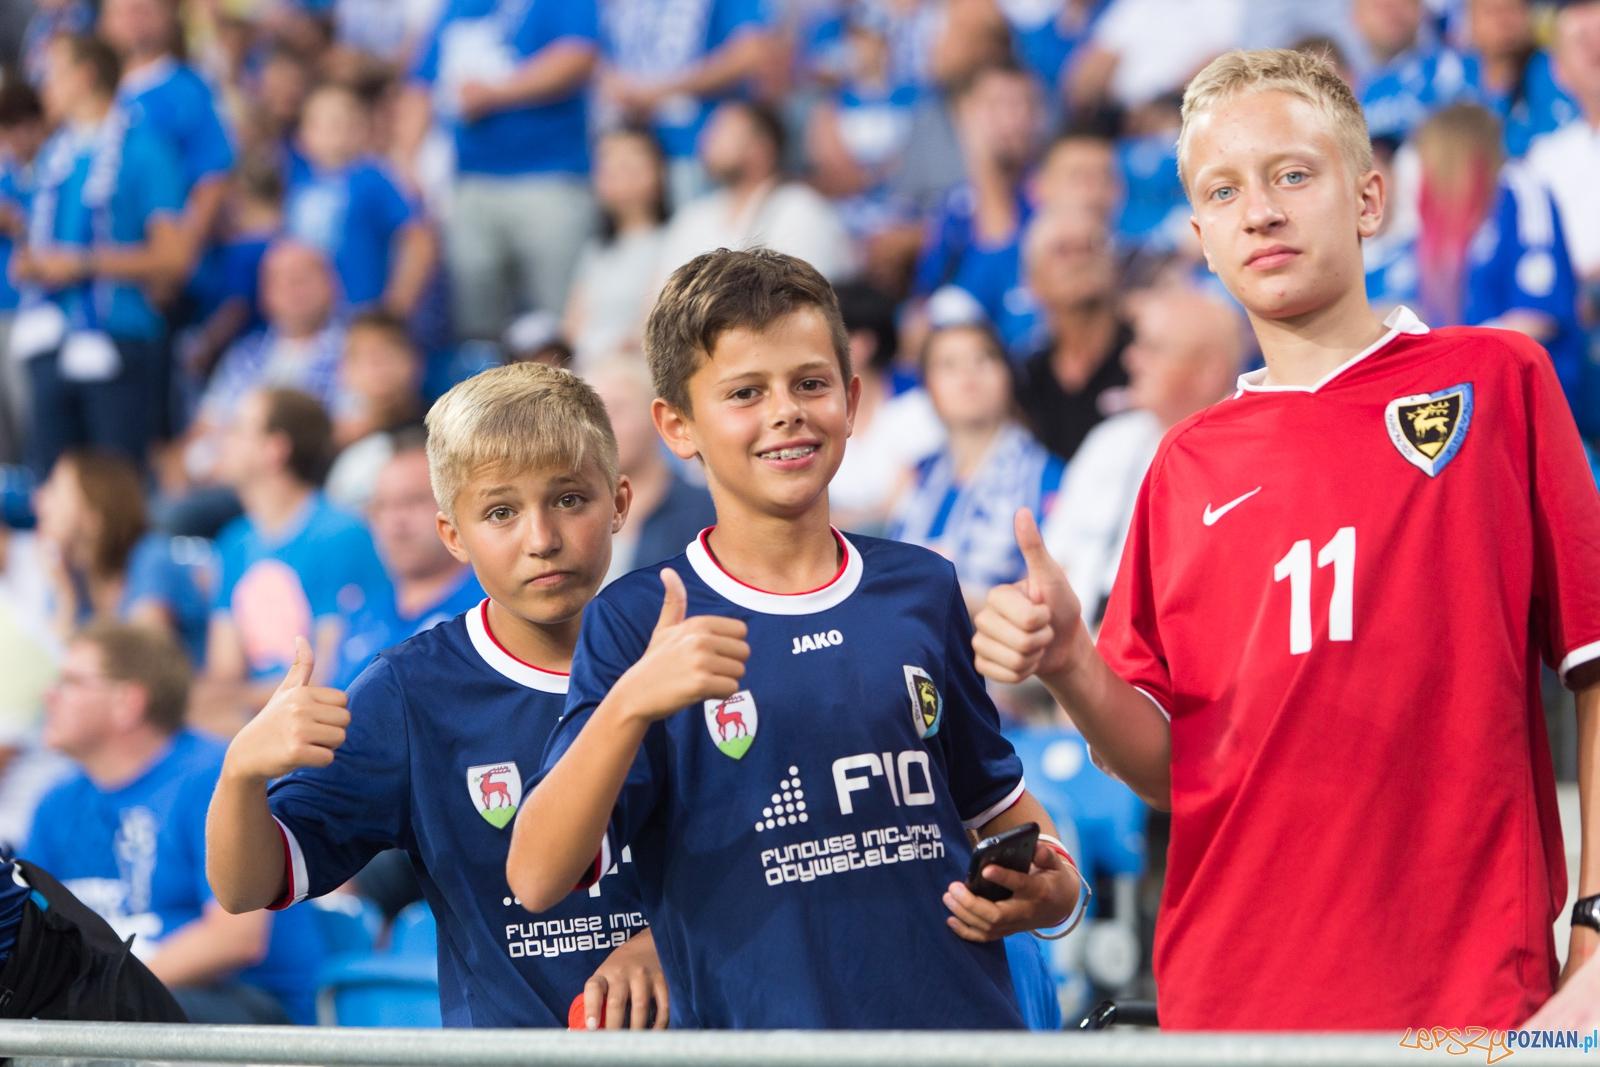 Eliminacje Ligii Mistrzów - Lech Poznań - FK Sarajevo (najleps  Foto: lepszyPOZNAN.pl / Piotr Rychter